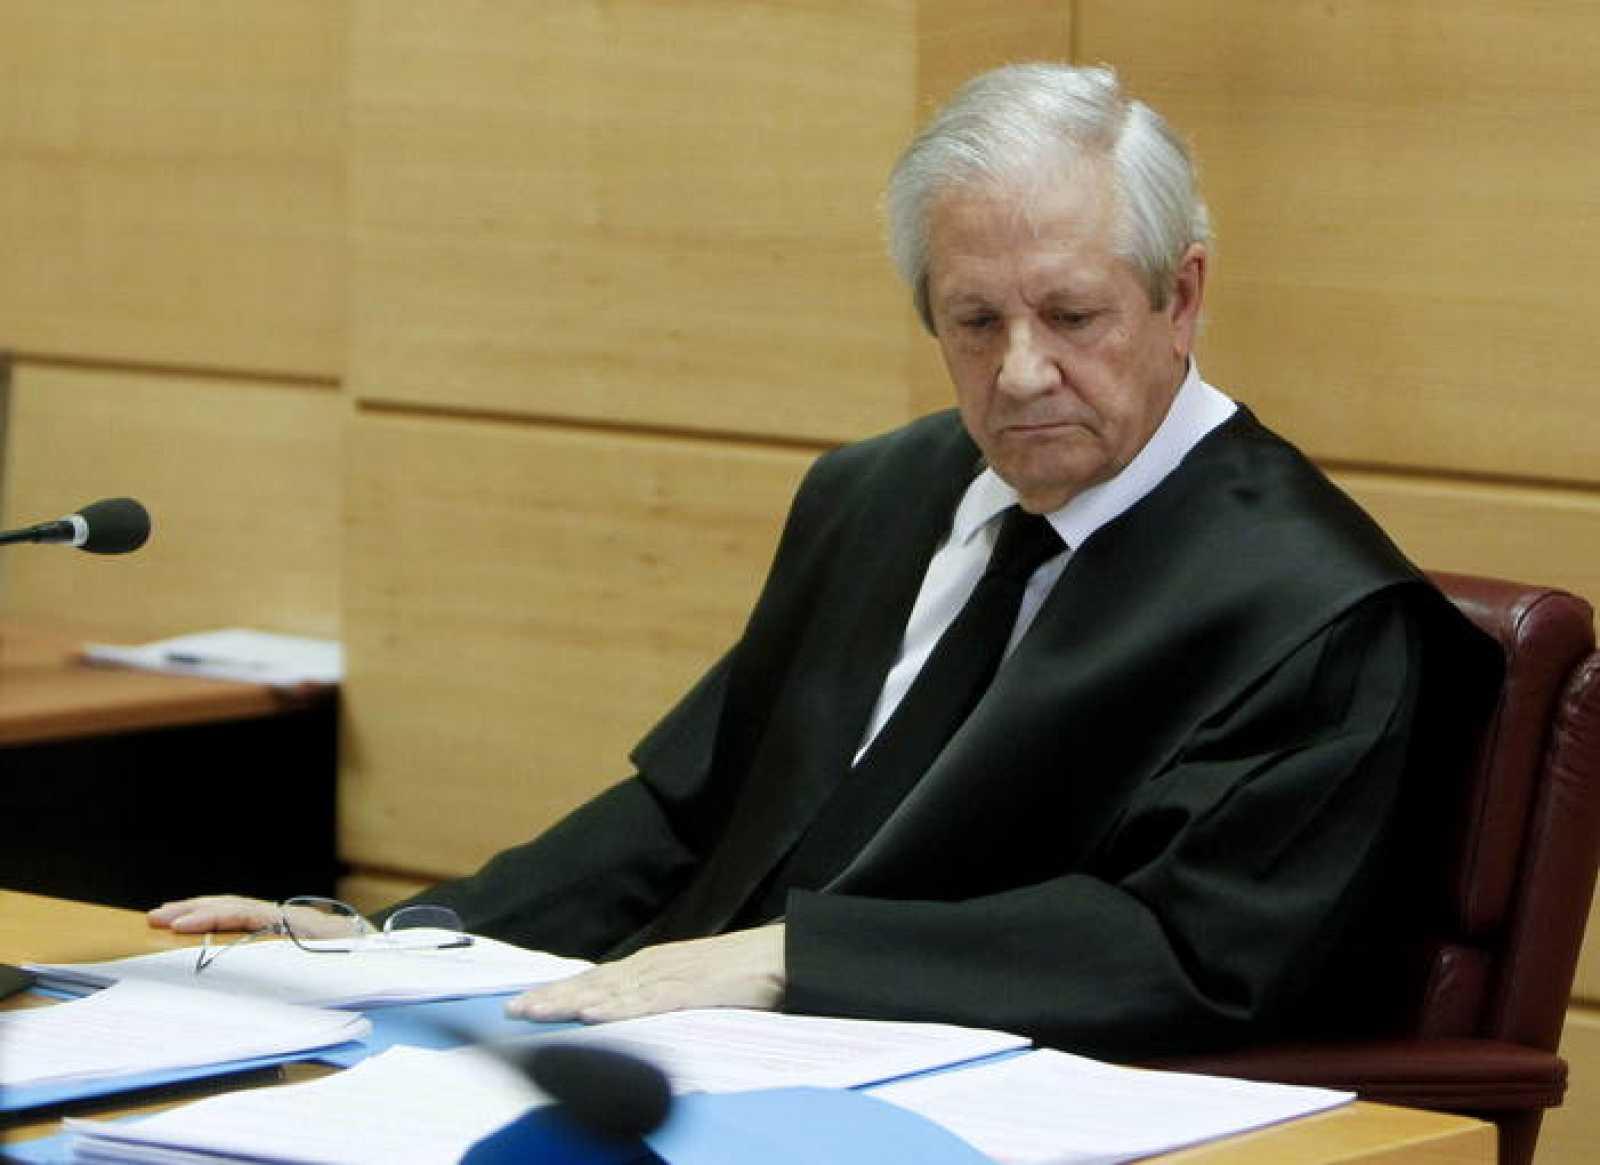 La sección cuarta de la Sala de lo Penal de la Audiencia Nacional ha revisado este jueves la prisión provisional que decretó el juez del caso Gürtel.